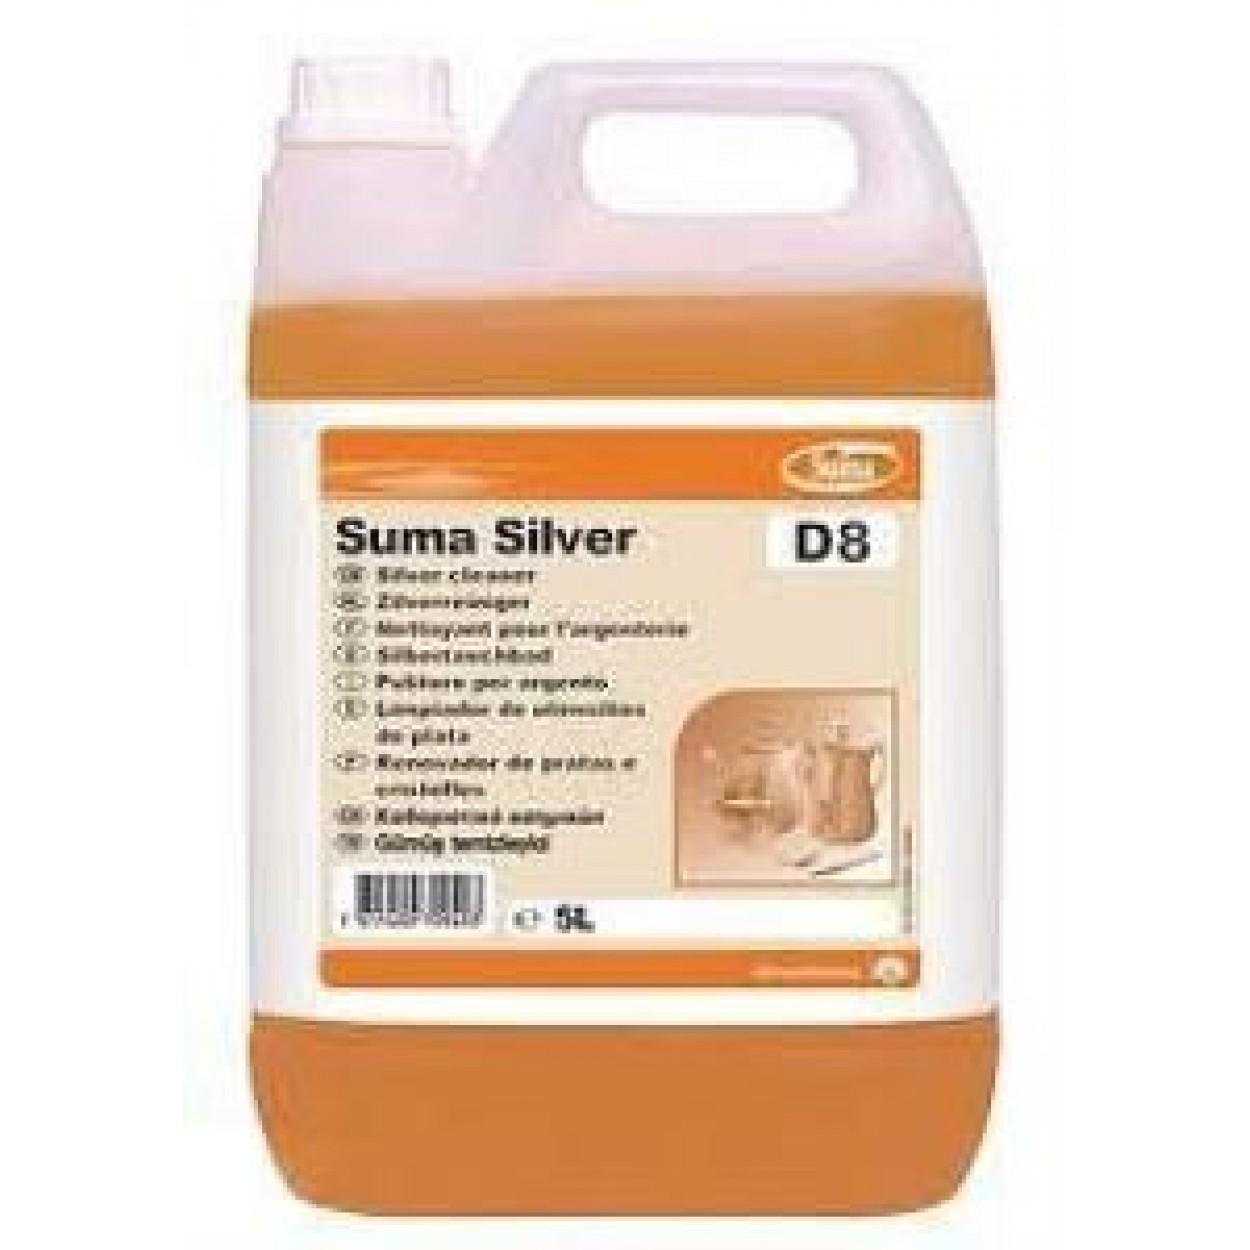 SUMA Silver D8 Sıvı Gümüş Temizleme Maddesi 5,20 Kg